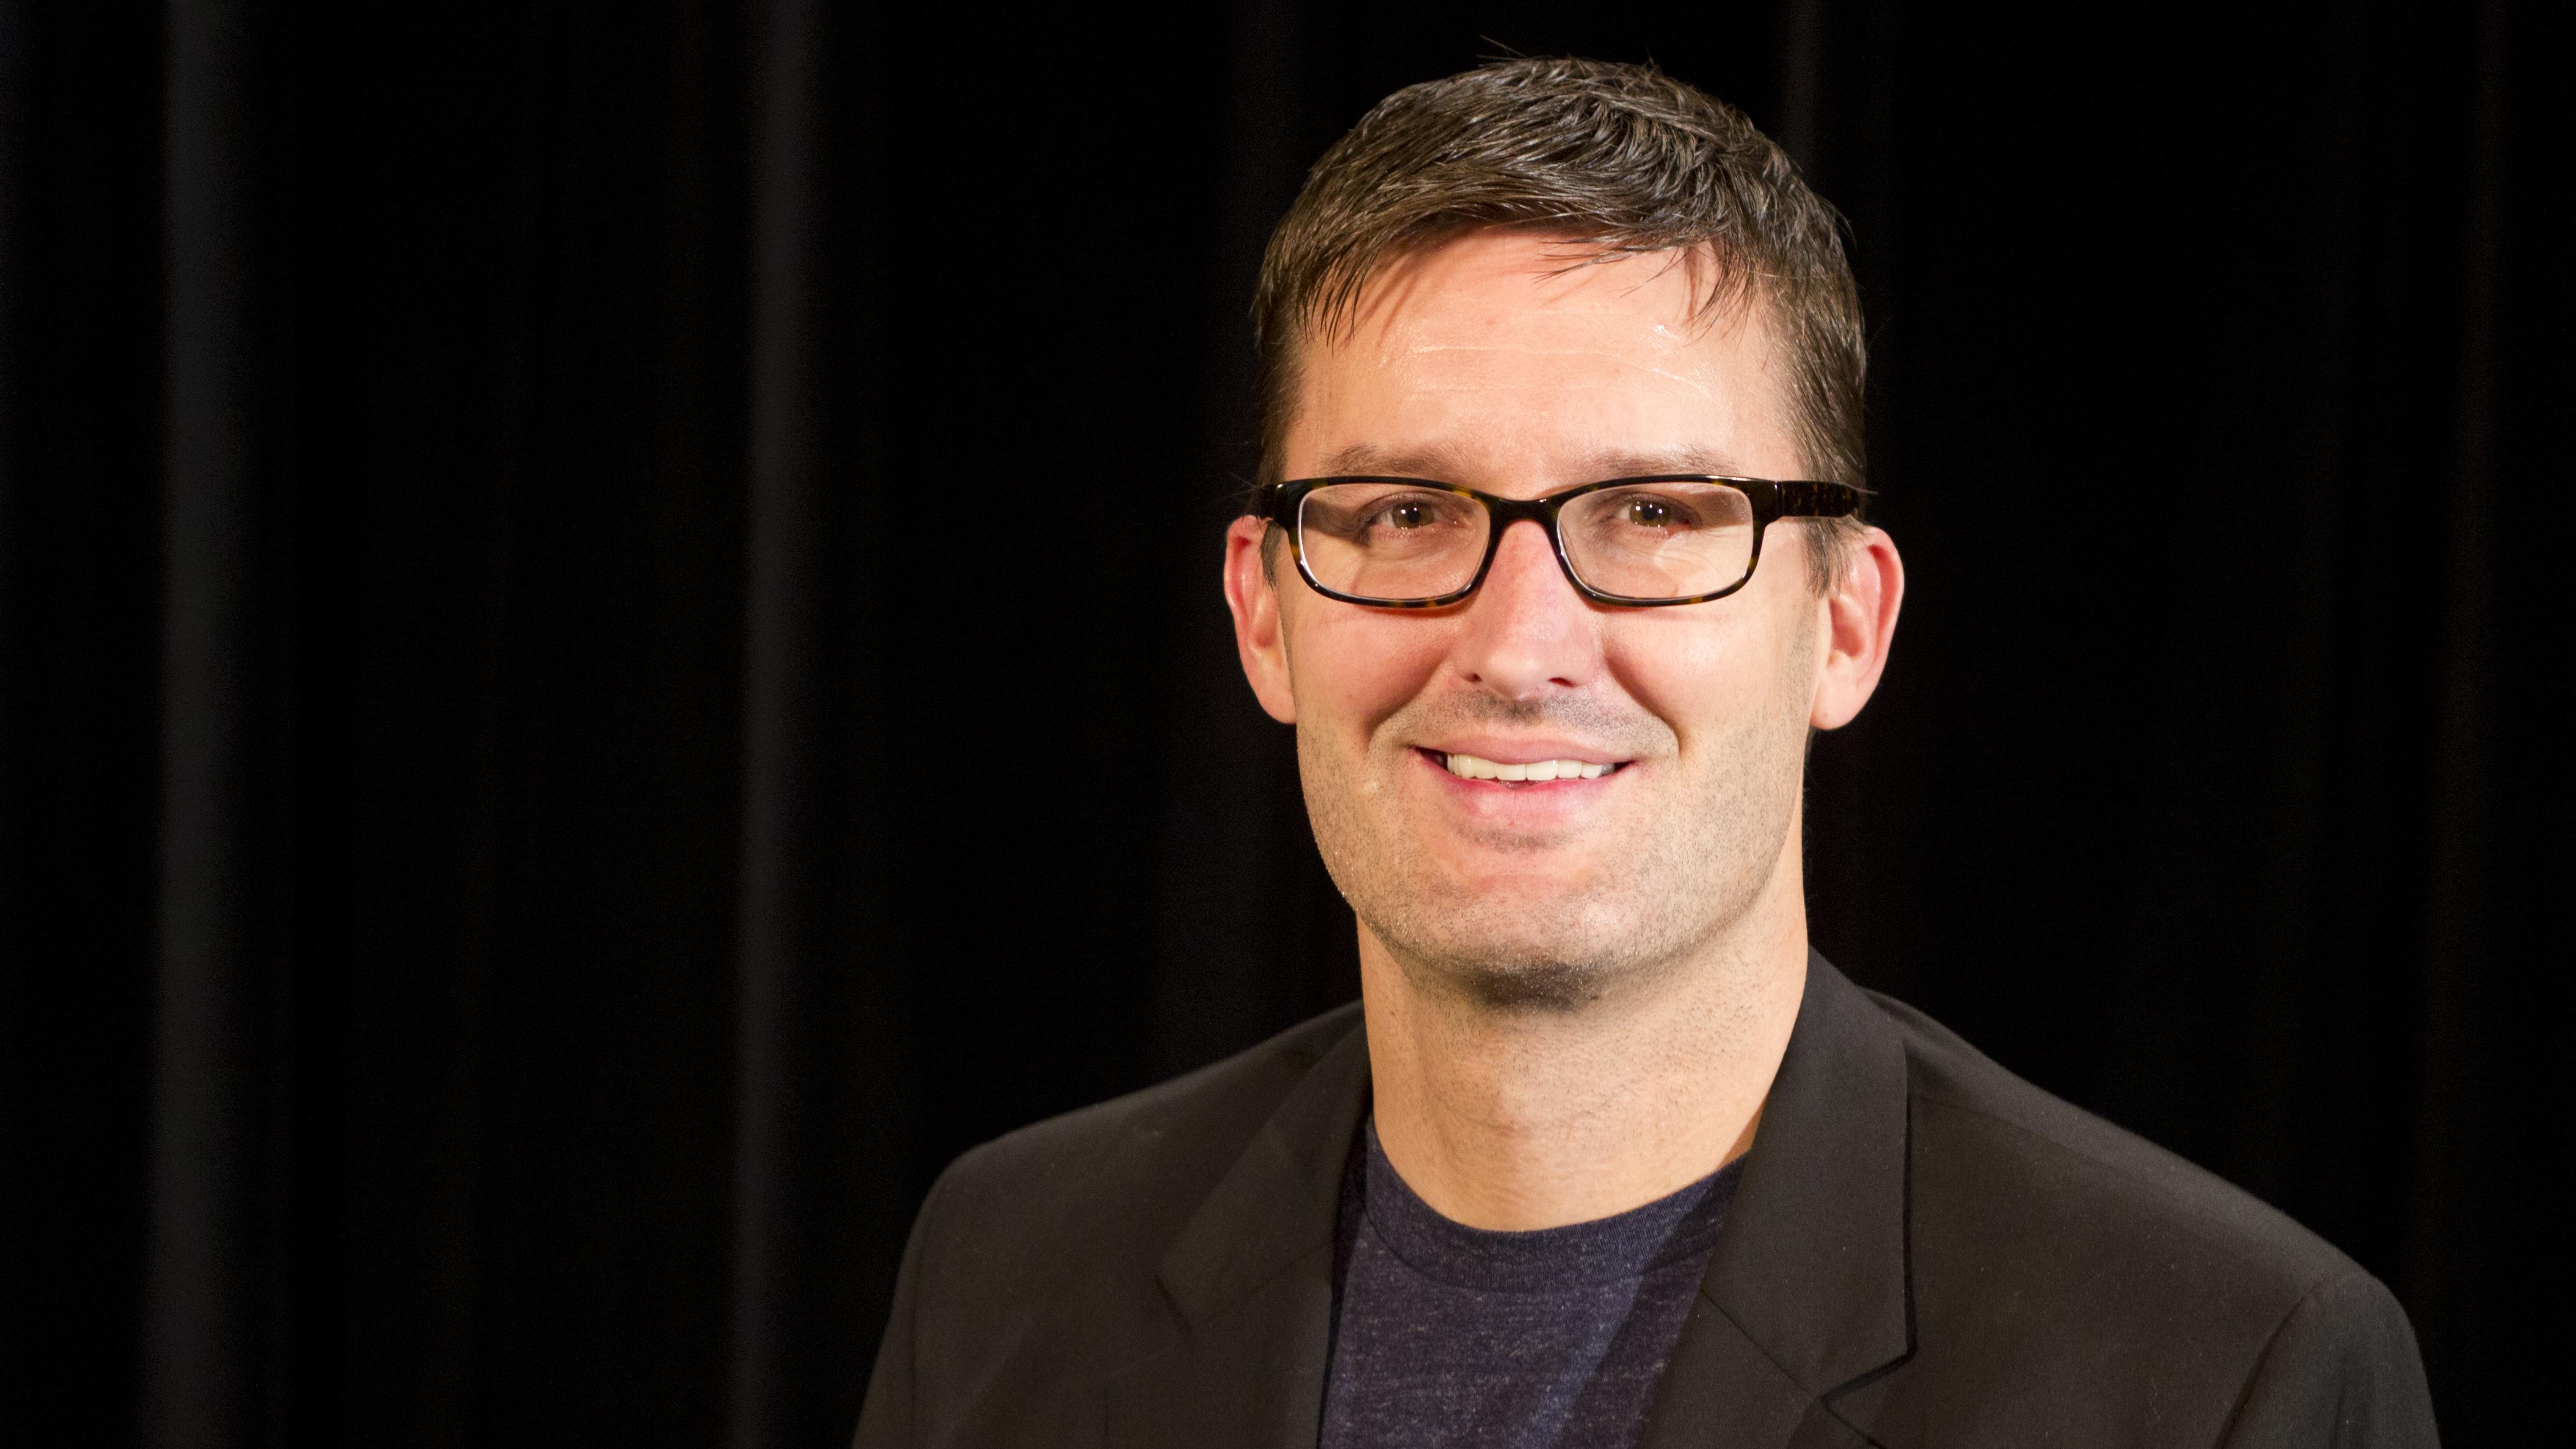 Matt Waite: links to news story